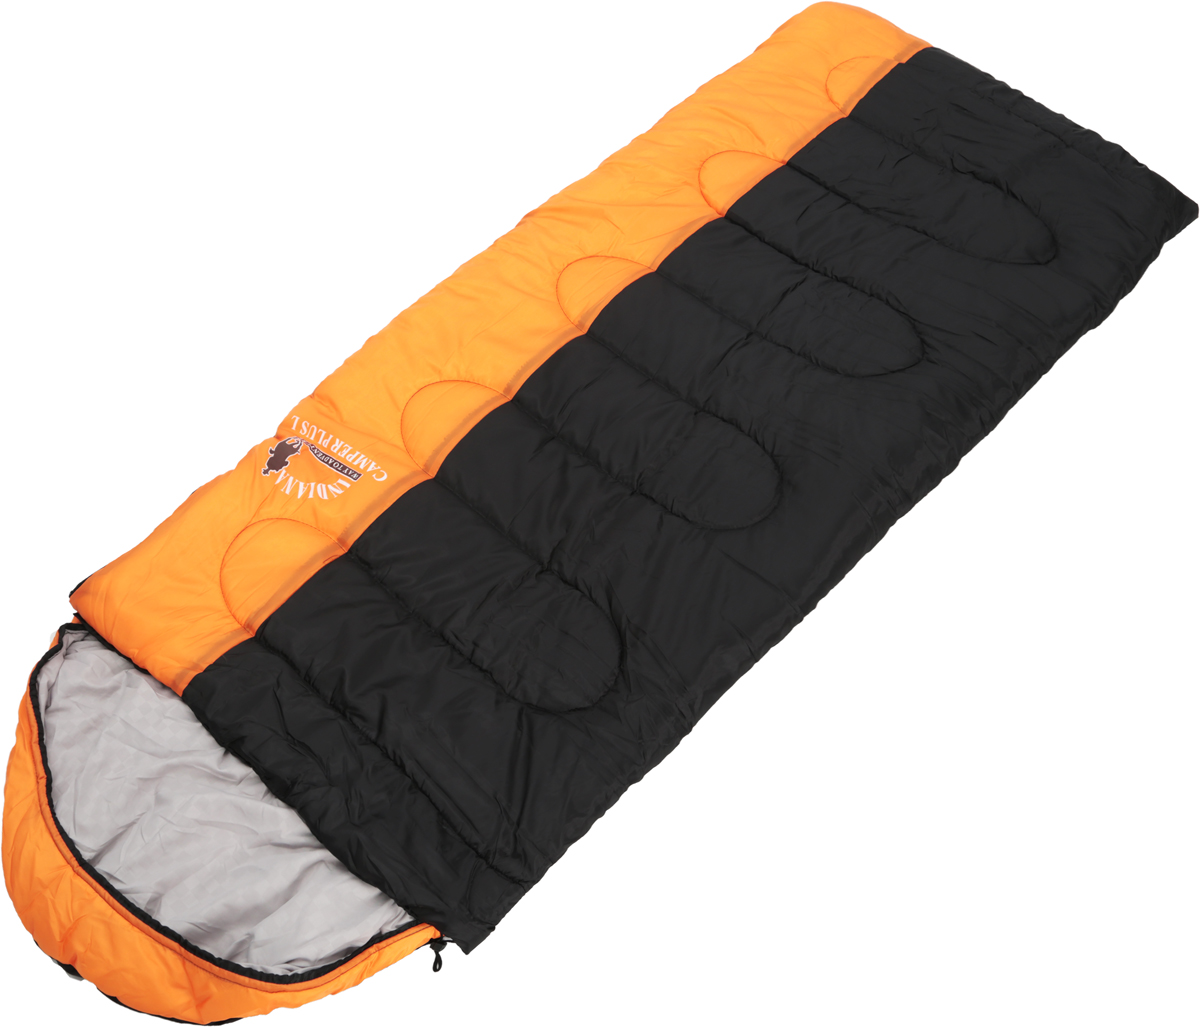 Мешок спальный Indiana Camper Plus, левосторонняя молния, цвет: оранжевый, серый, черный, 230 х 90 см360700042_оранжевый, серый, черныйСпальный мешок Indiana Camper Plus, выполненный из высококачественных материалов, предназначен для комфортного сна даже в холодное время года. Он не только убережет вас от холода, но и, благодаря увеличенным размерам, обеспечит максимально комфортные условия для вашего сна. Разъемная молния позволяет состыковать два спальника в один большой.Что взять с собой в поход?. Статья OZON Гид